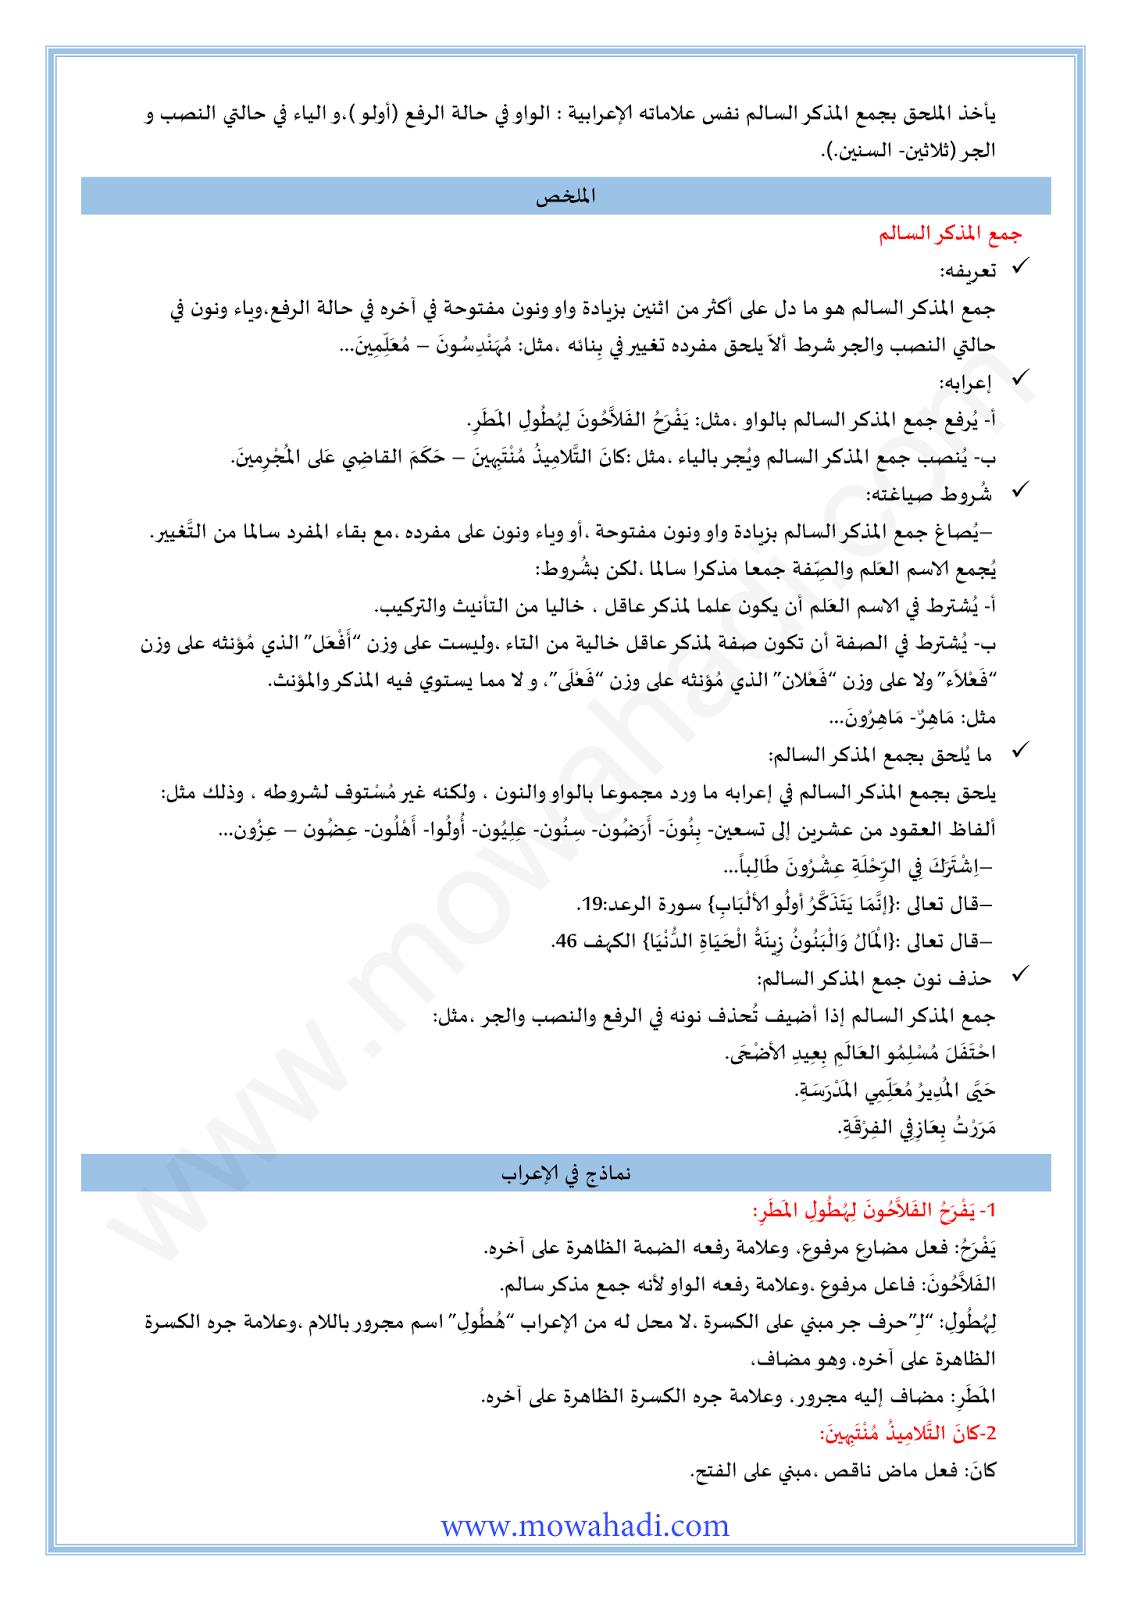 صوغ جمع المذكر السالم و إعرابه-1